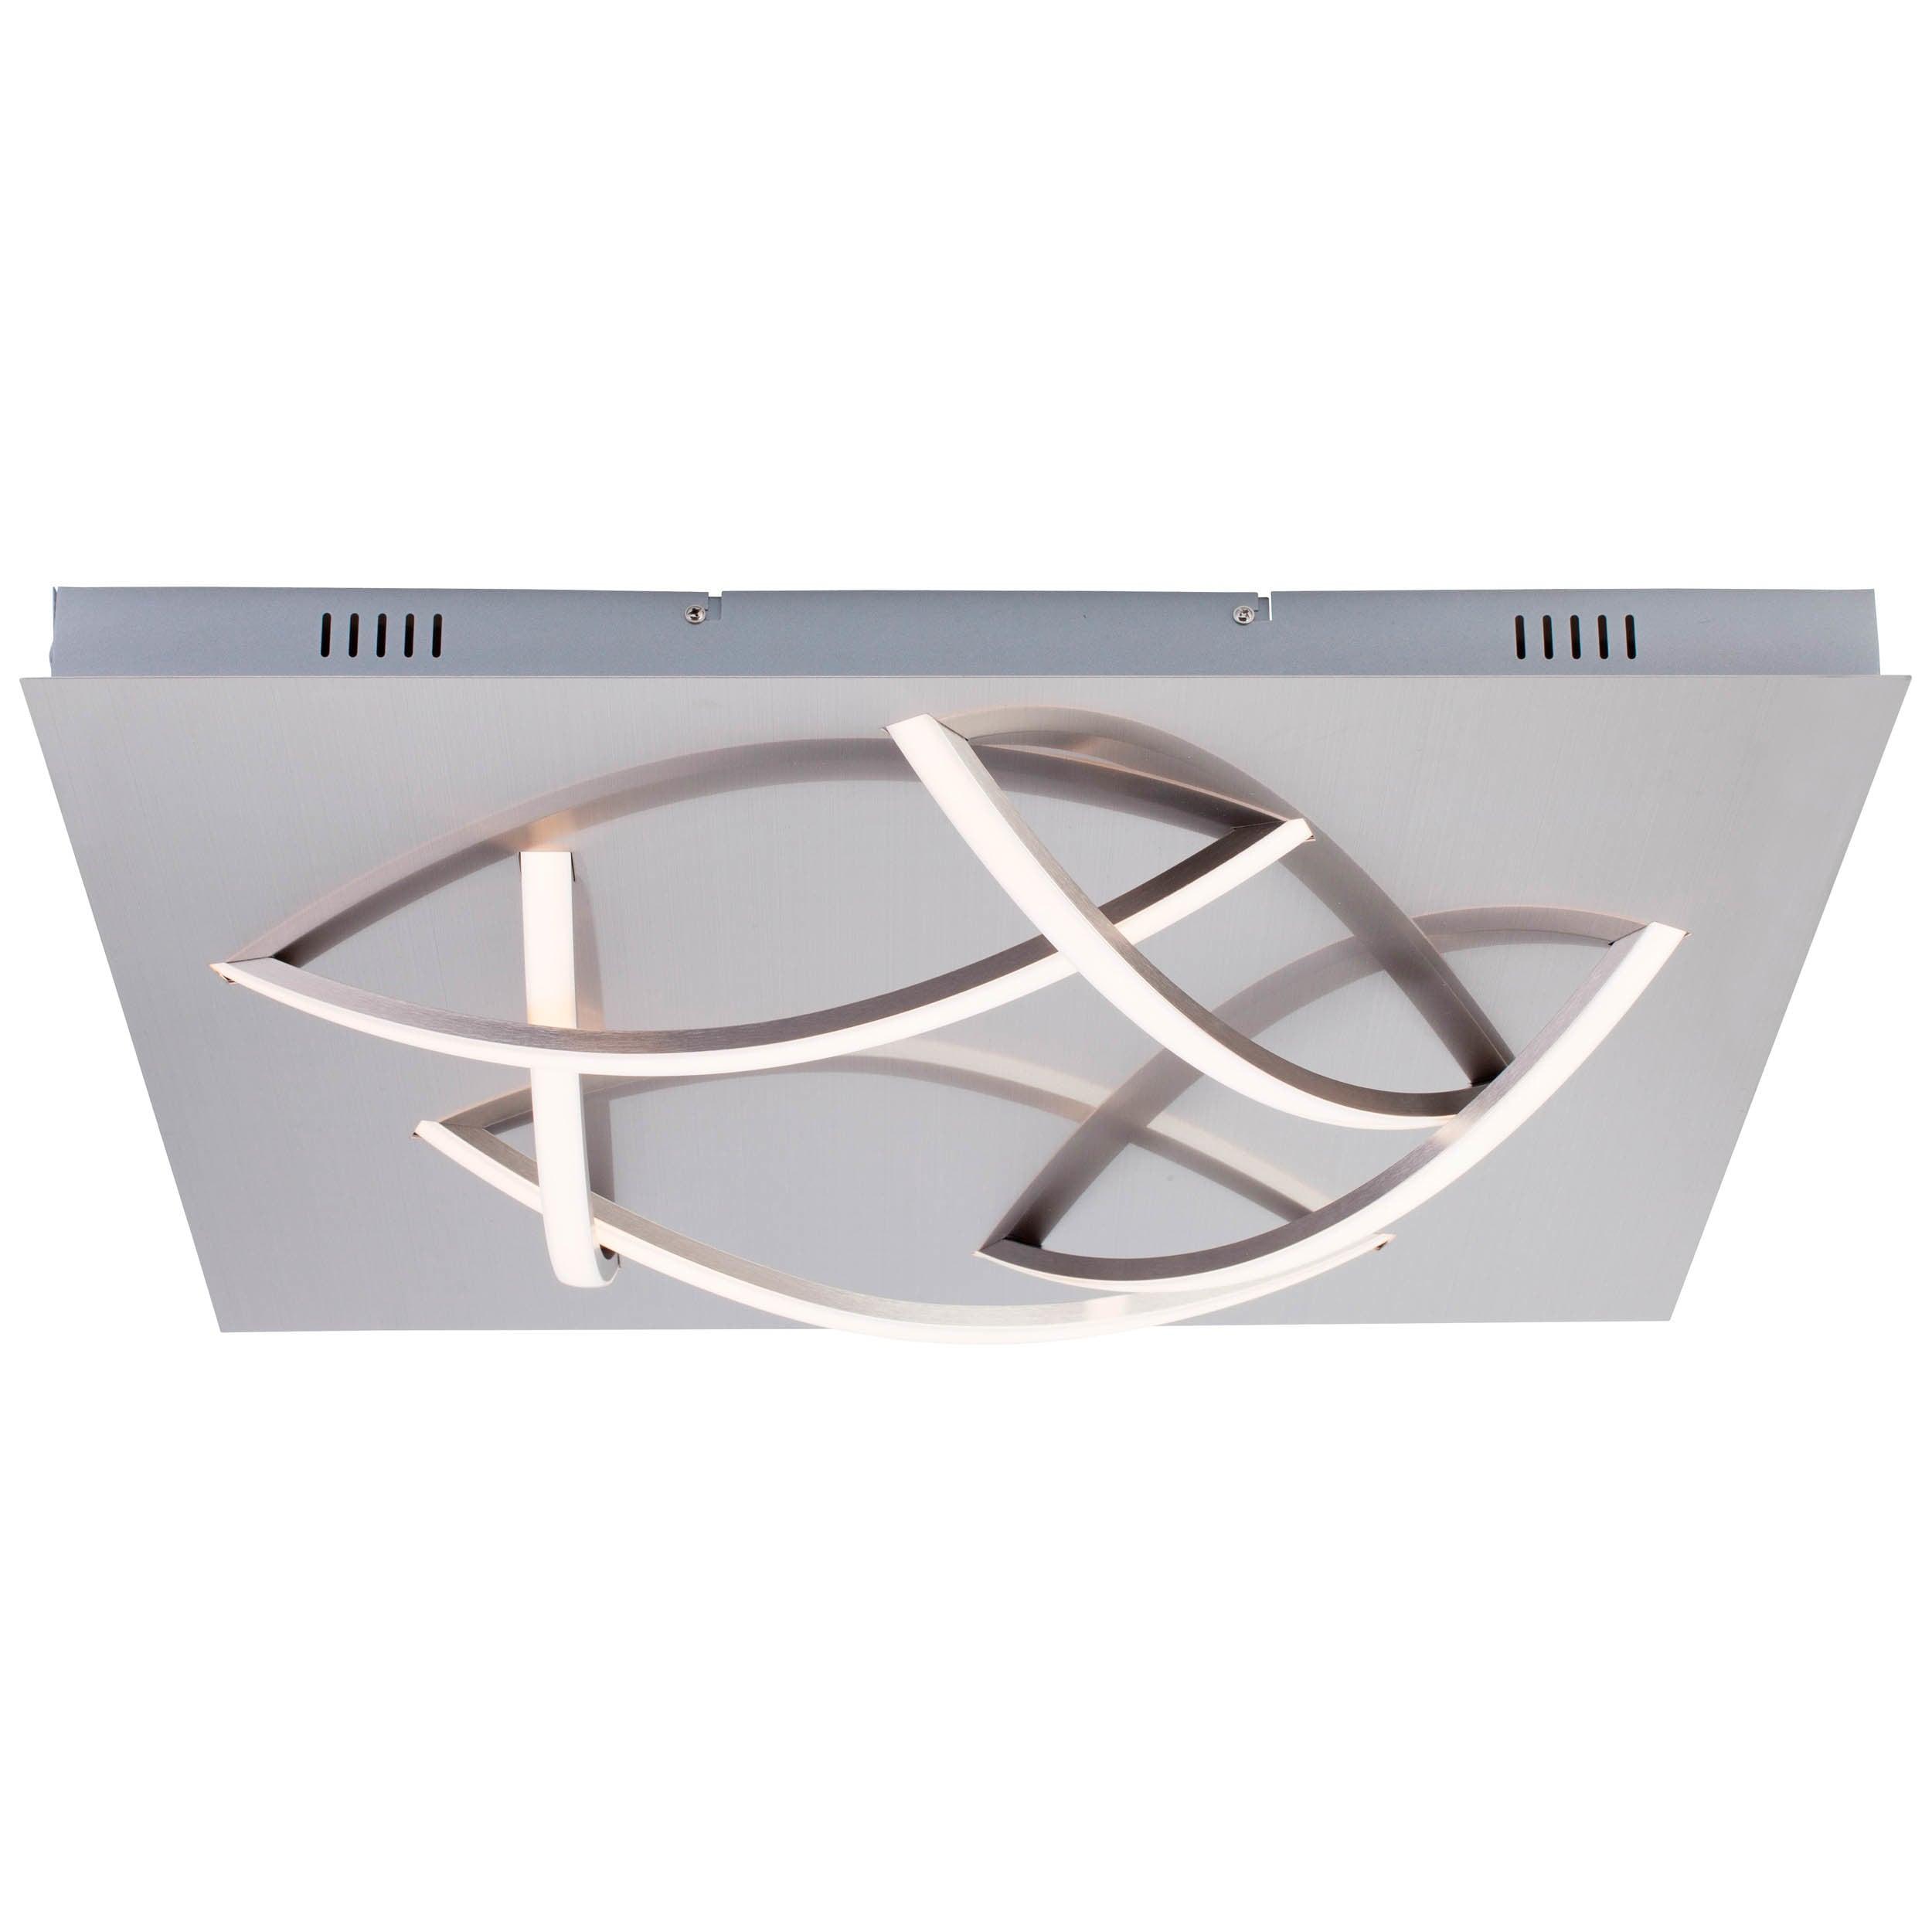 Brilliant Leuchten Stanly LED Wand- und Deckenleuchte 5flg nickel